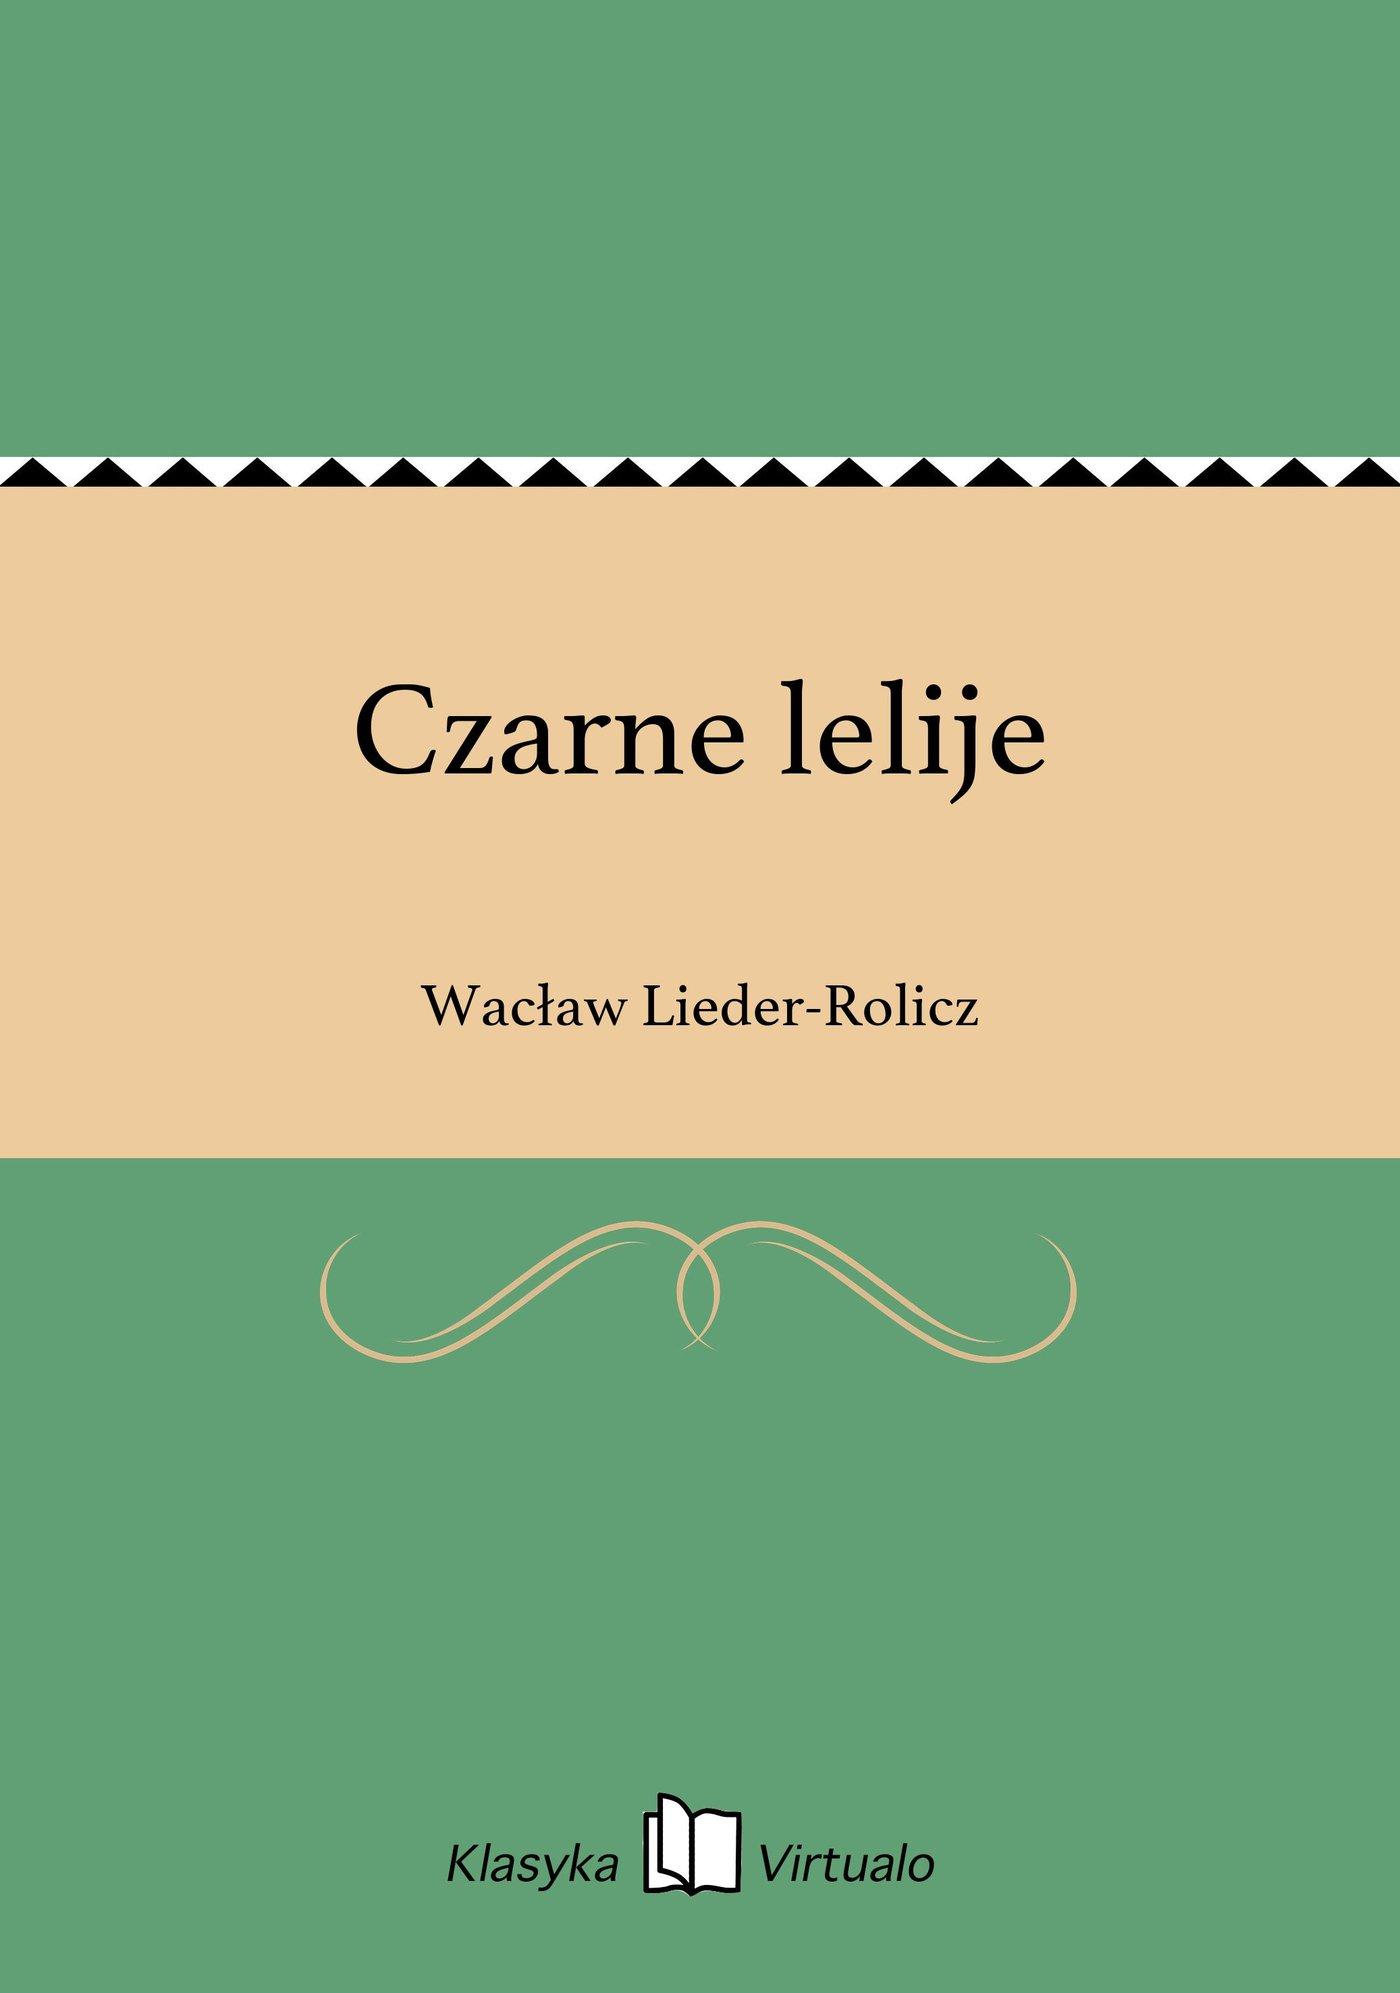 Czarne lelije - Ebook (Książka EPUB) do pobrania w formacie EPUB